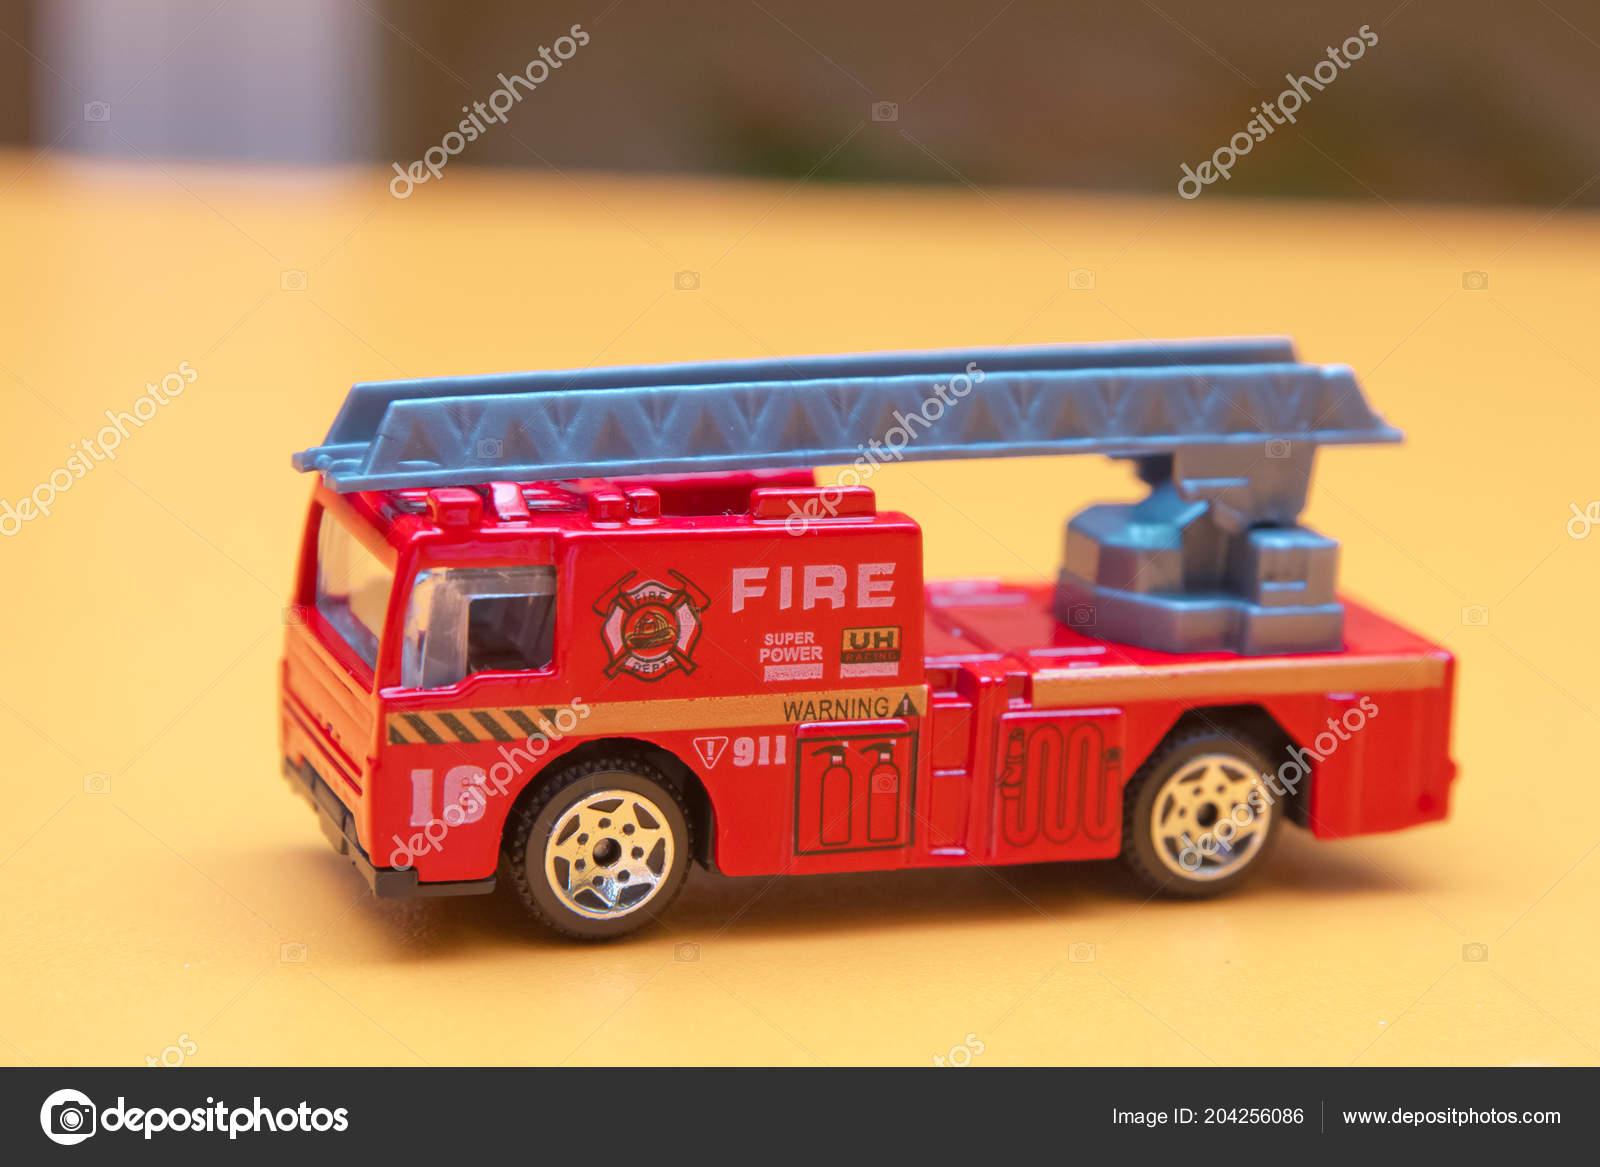 Juguete Rojo Fuego Carro Juguete Bomberos Apaga Llamas Casa Manejo